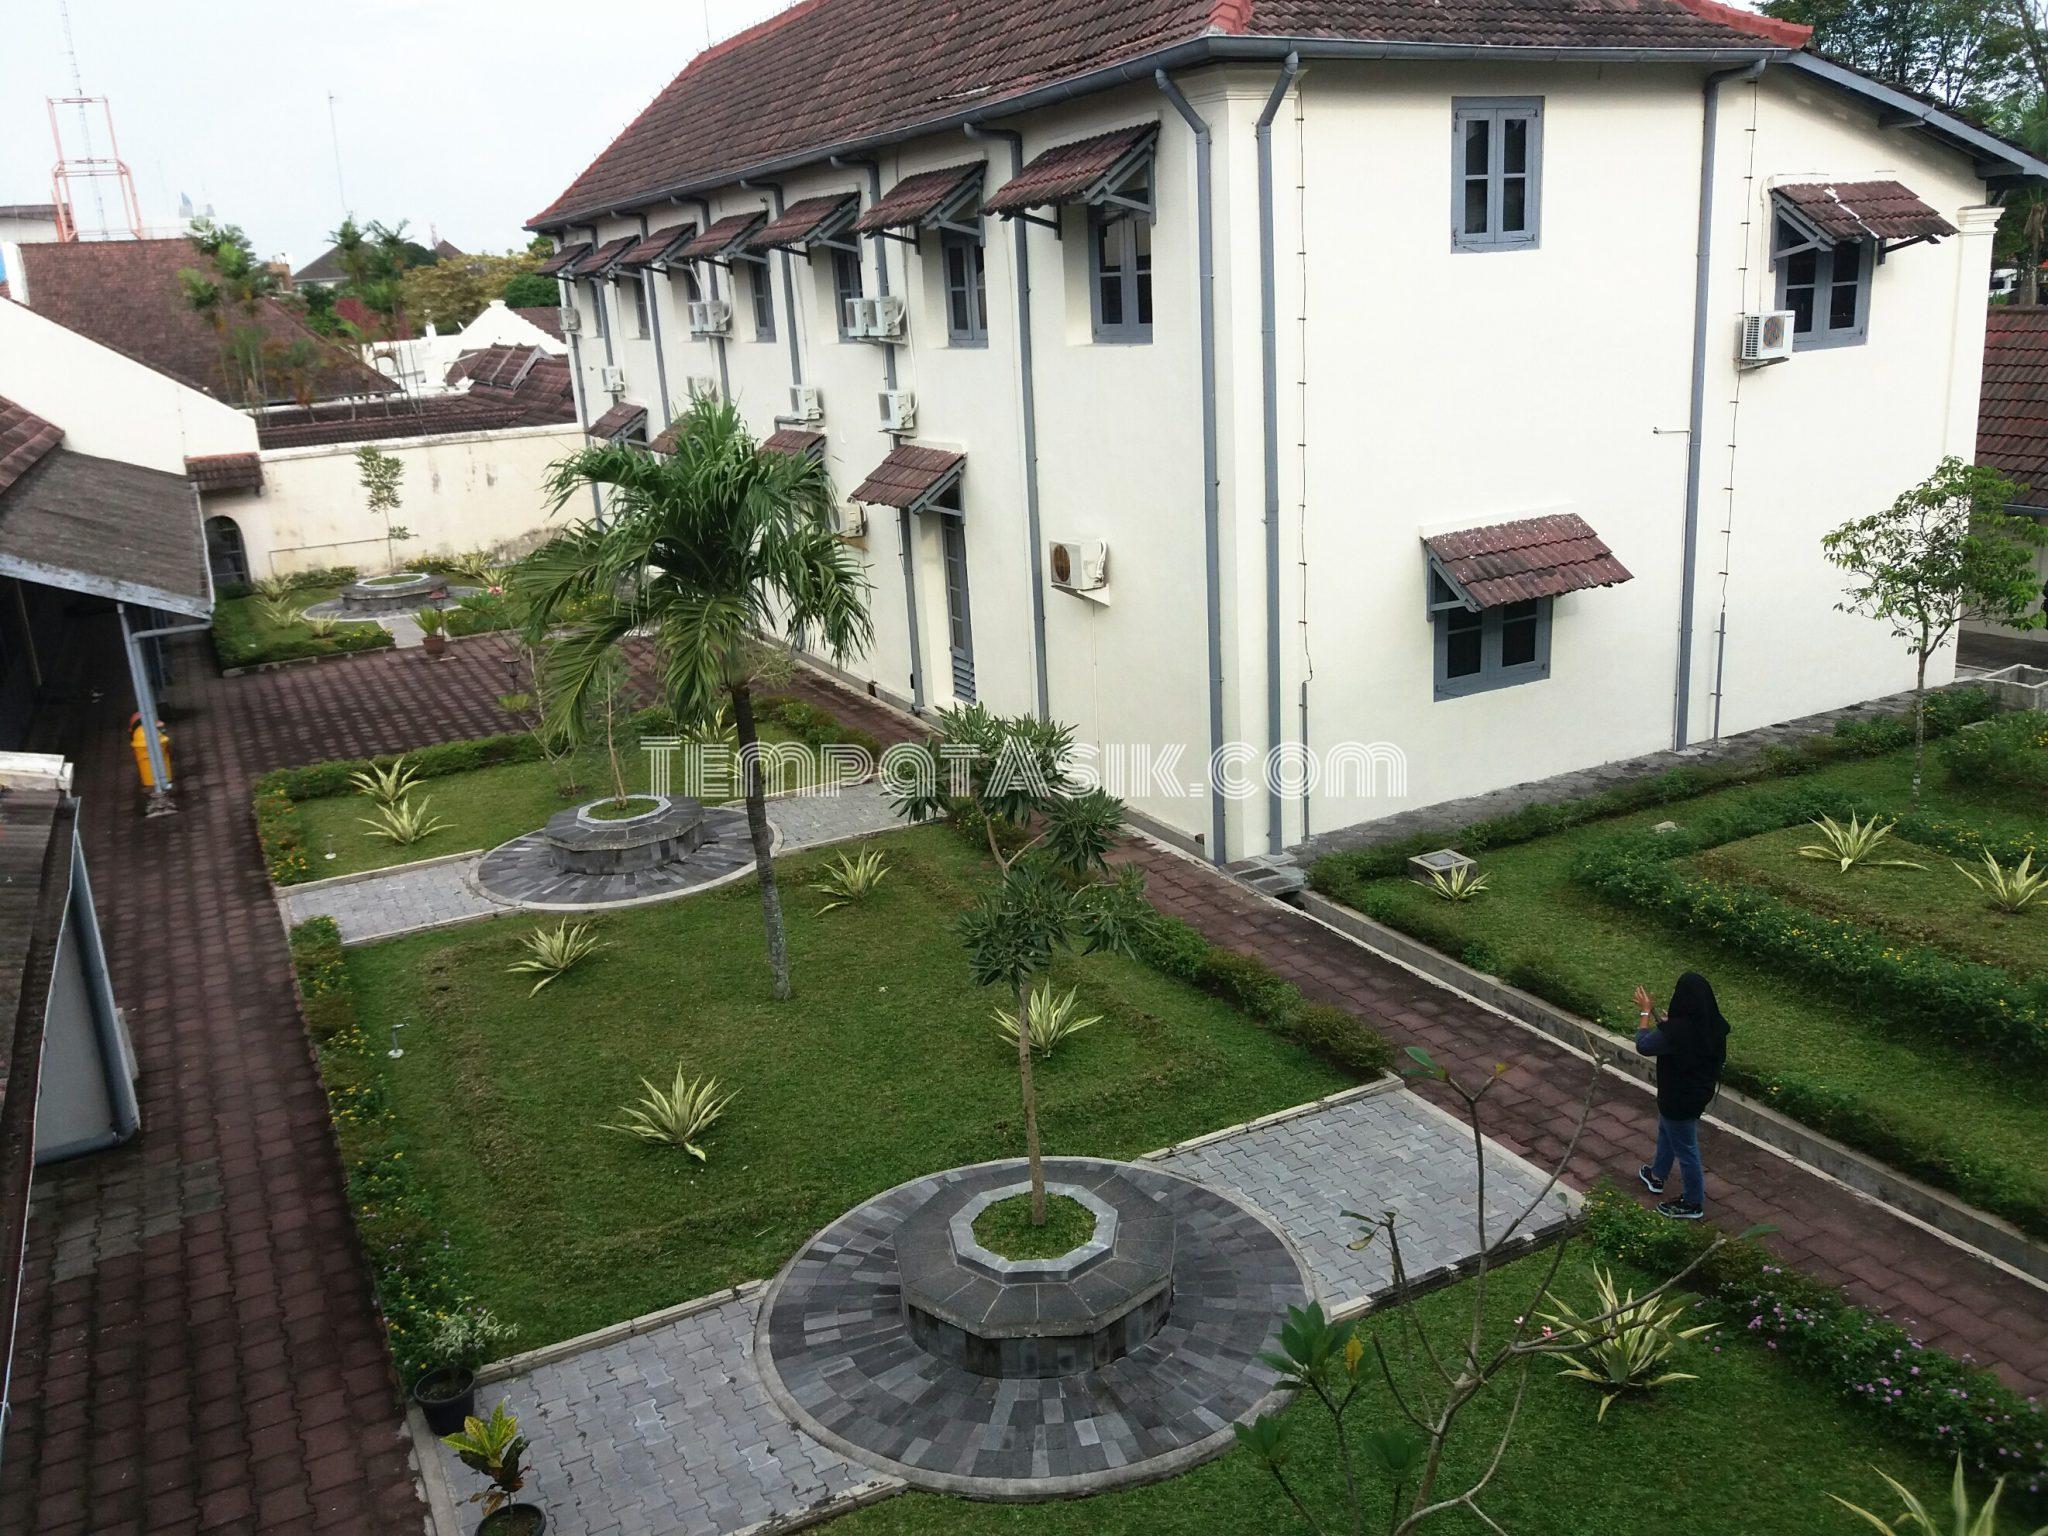 Benteng Vredeburg Museum Jendela Sewu Jogja Saksi Sejarah Kota Yogyakarta